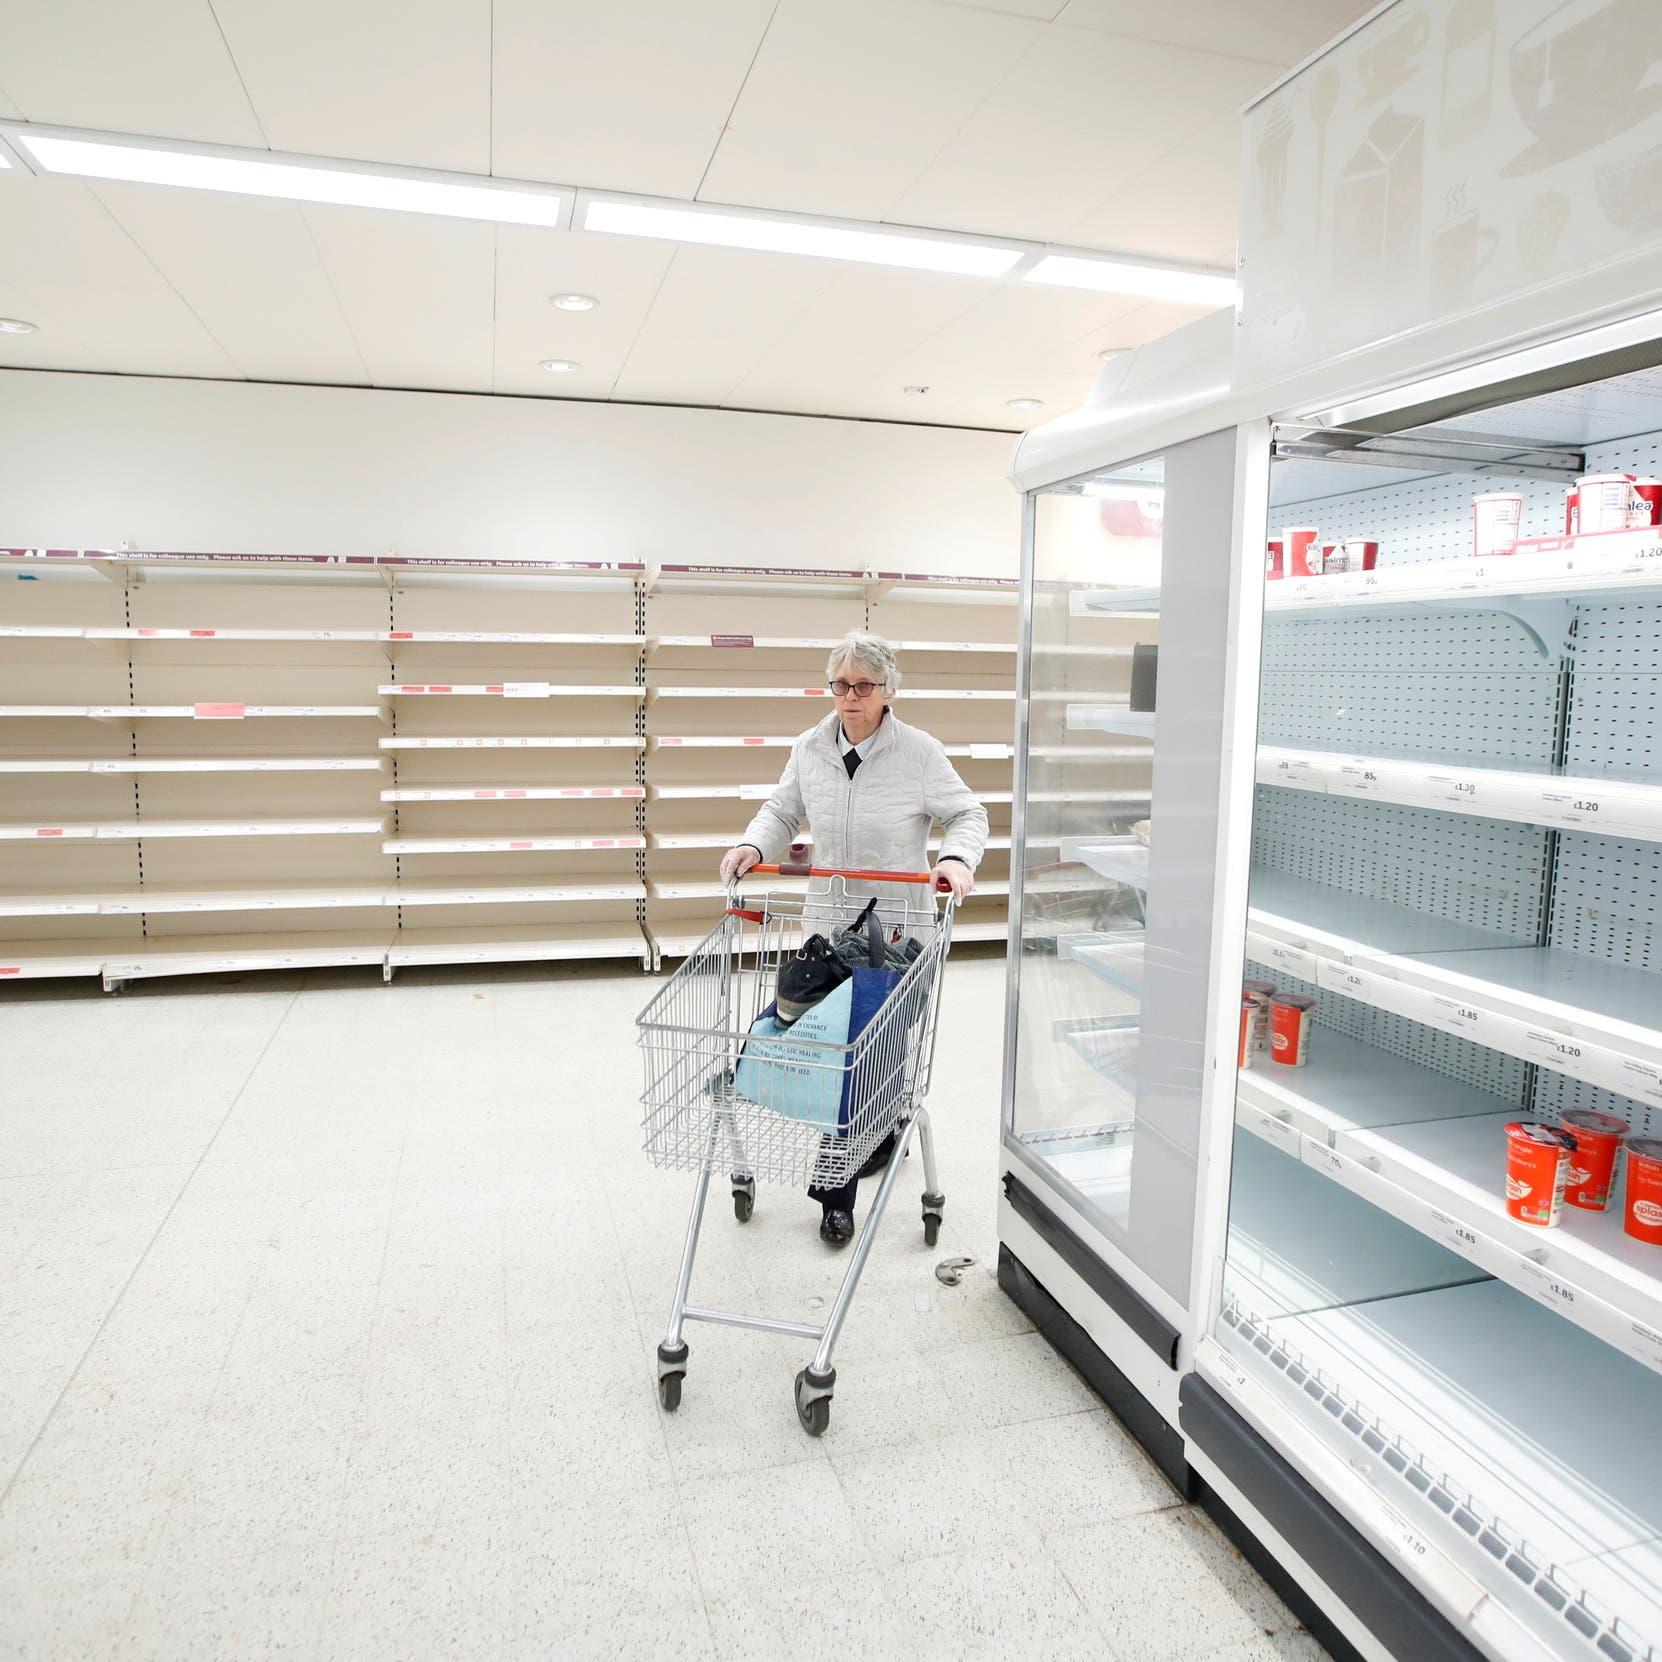 """بريطانيا ترجئ تنفيذ أحد أهم بنود """"بريكست"""" خوفاً من شح المواد الغذائية"""